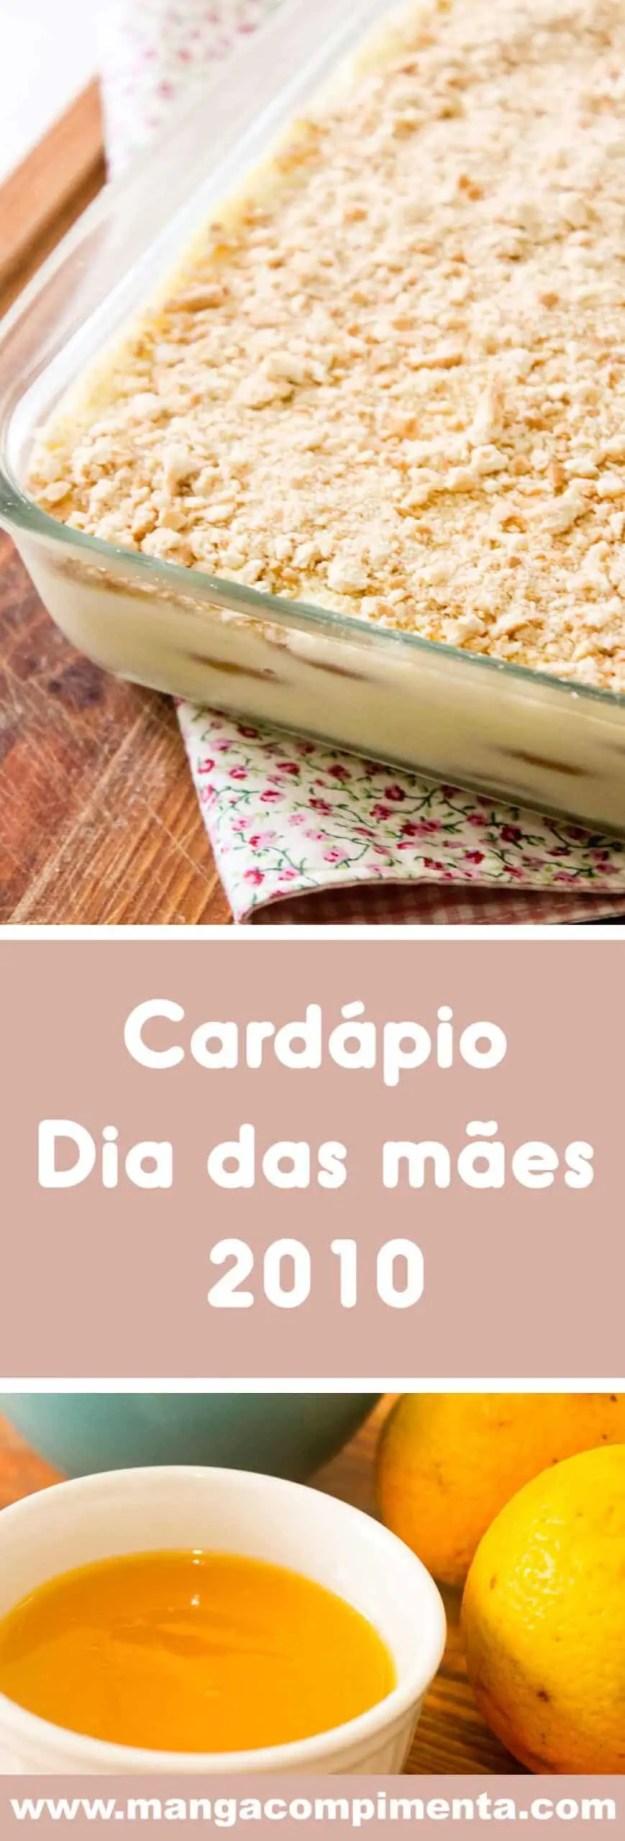 Cardápio Dia das Mães 2021 - Receitas deliciosas para o almoço de domingo com a família!